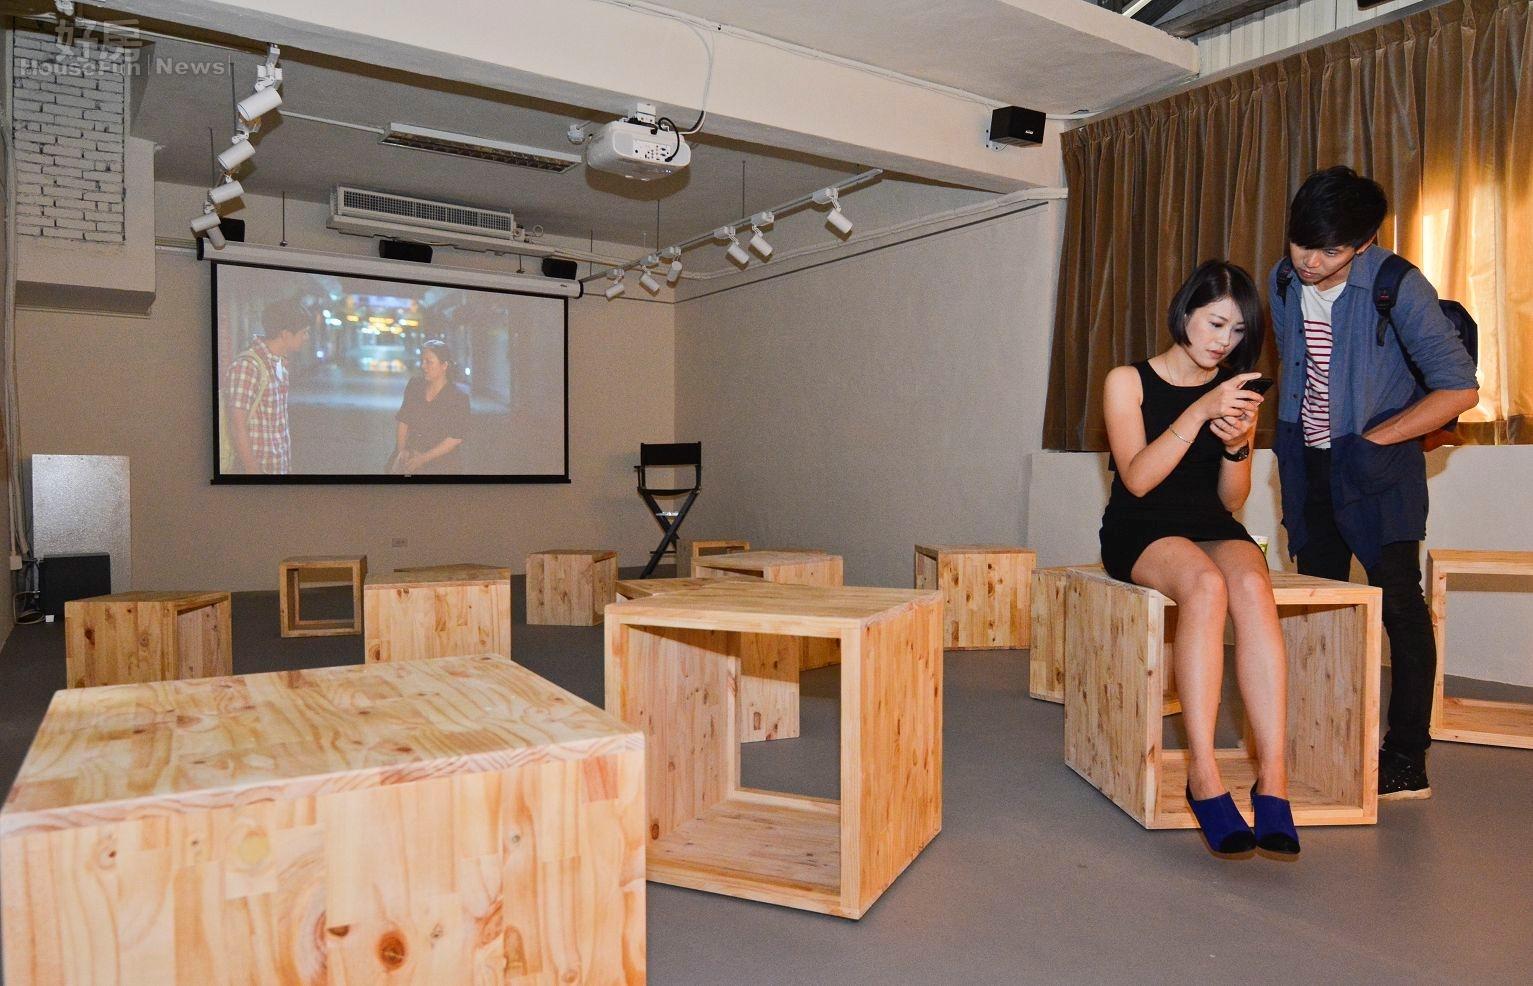 好思藝廊除了畫作等藝術品,同時提供播映室讓影片創作者也可享有展示平台。(好房網News記者 陳韋帆/攝影)